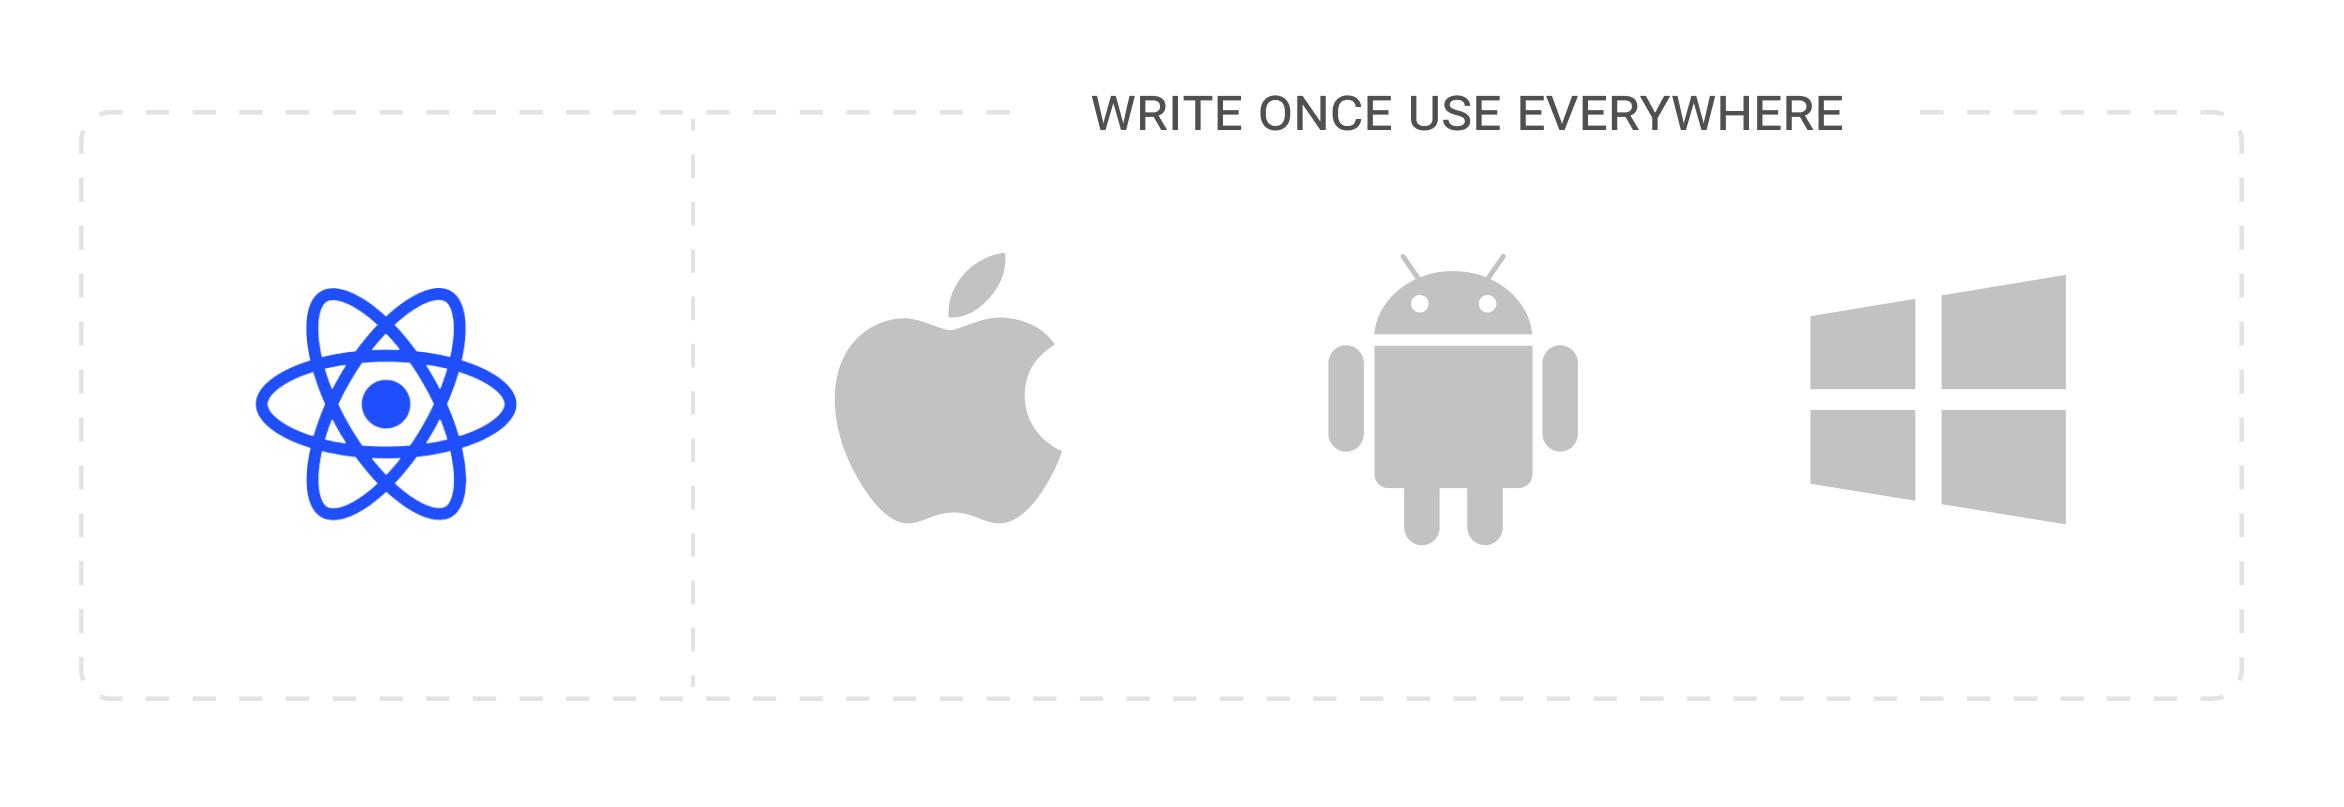 React Native is an open-source framework